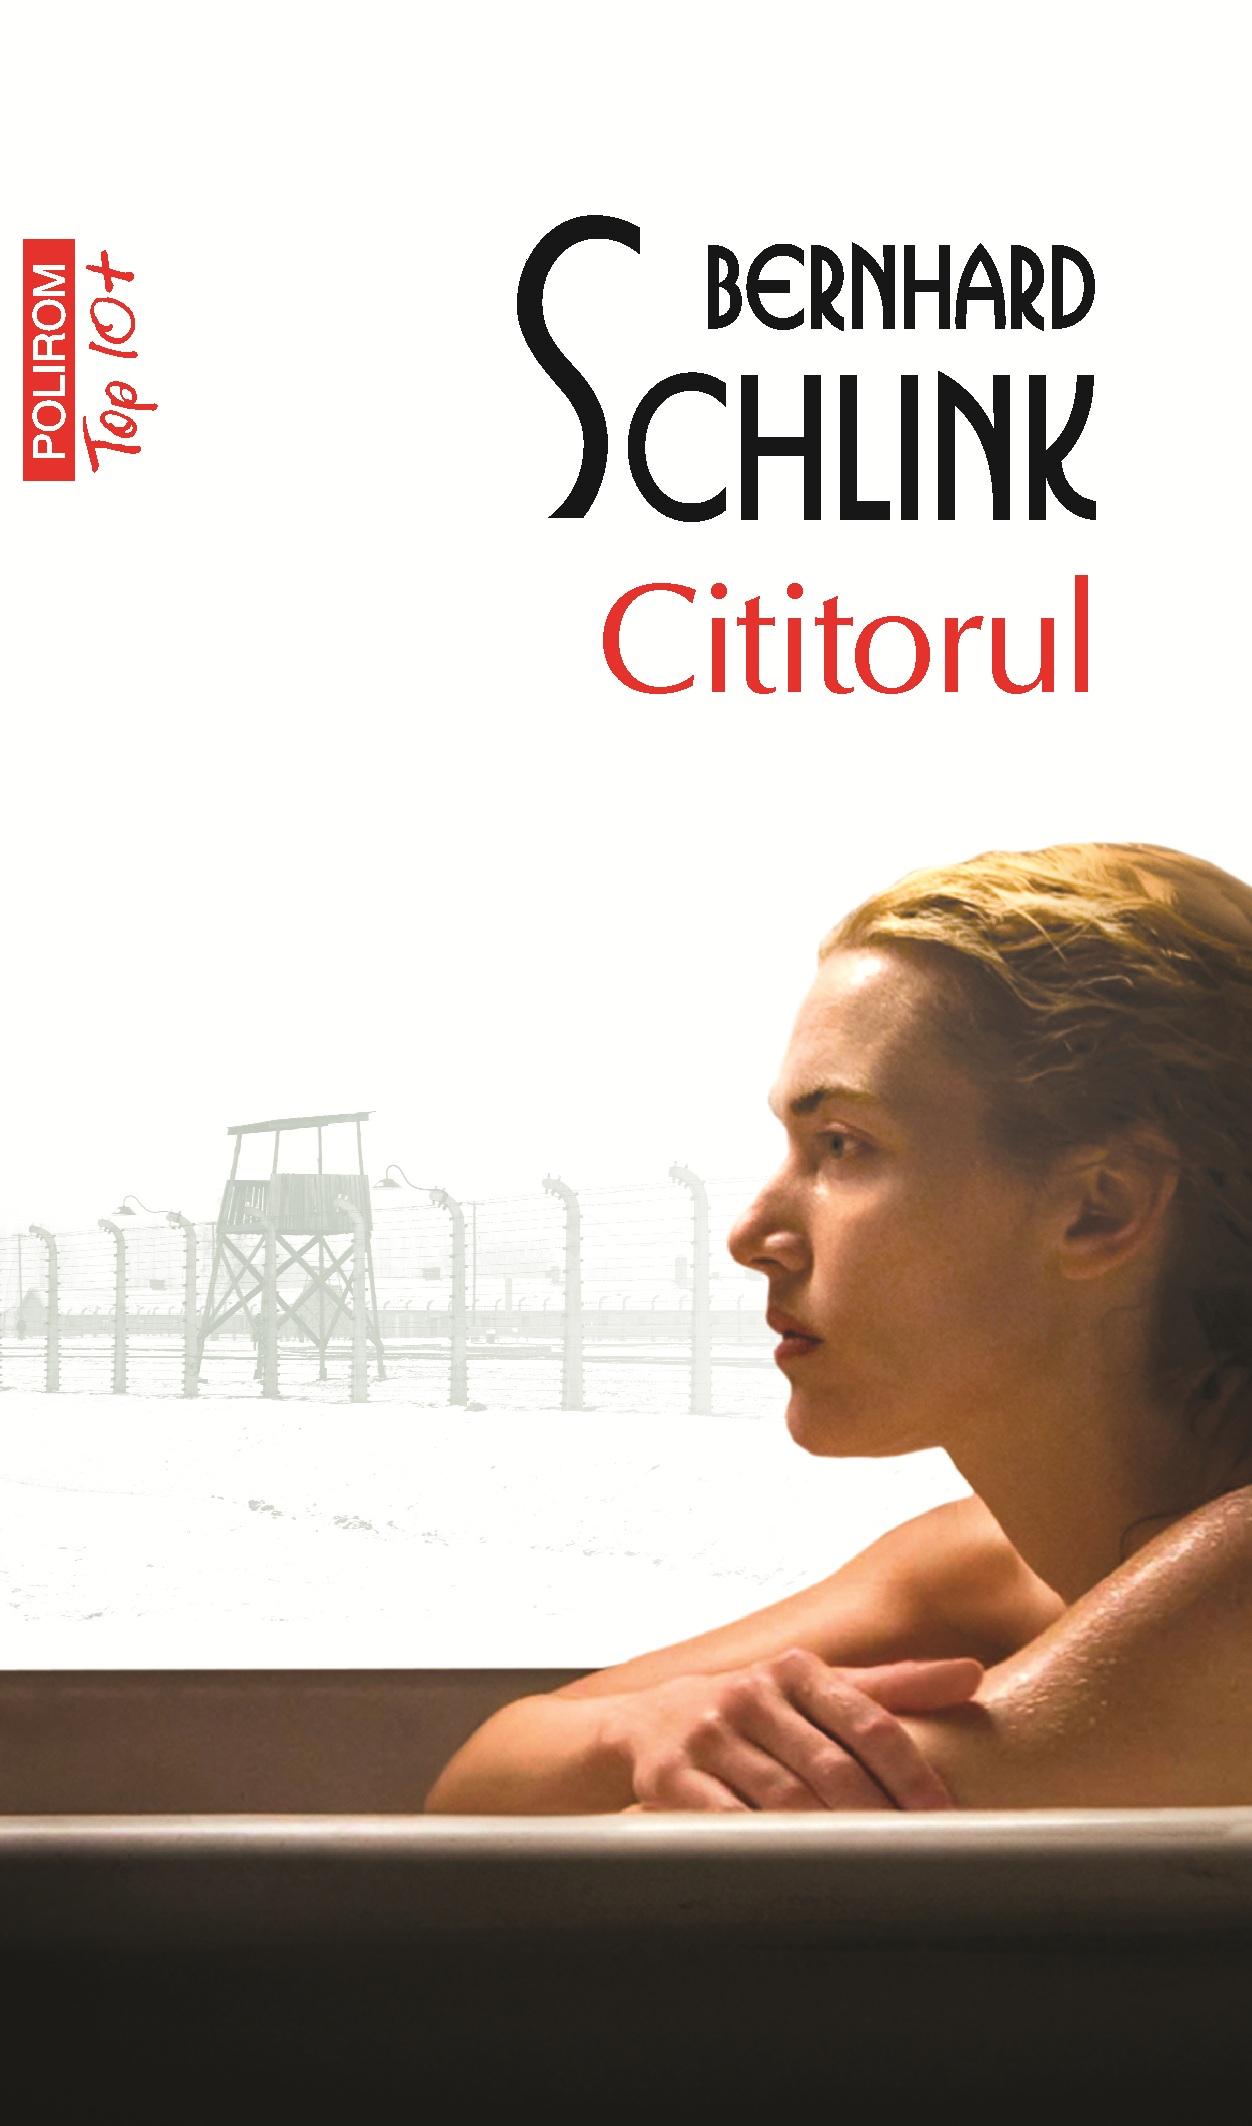 În plasa Cititorului lui Bernhard Schlink